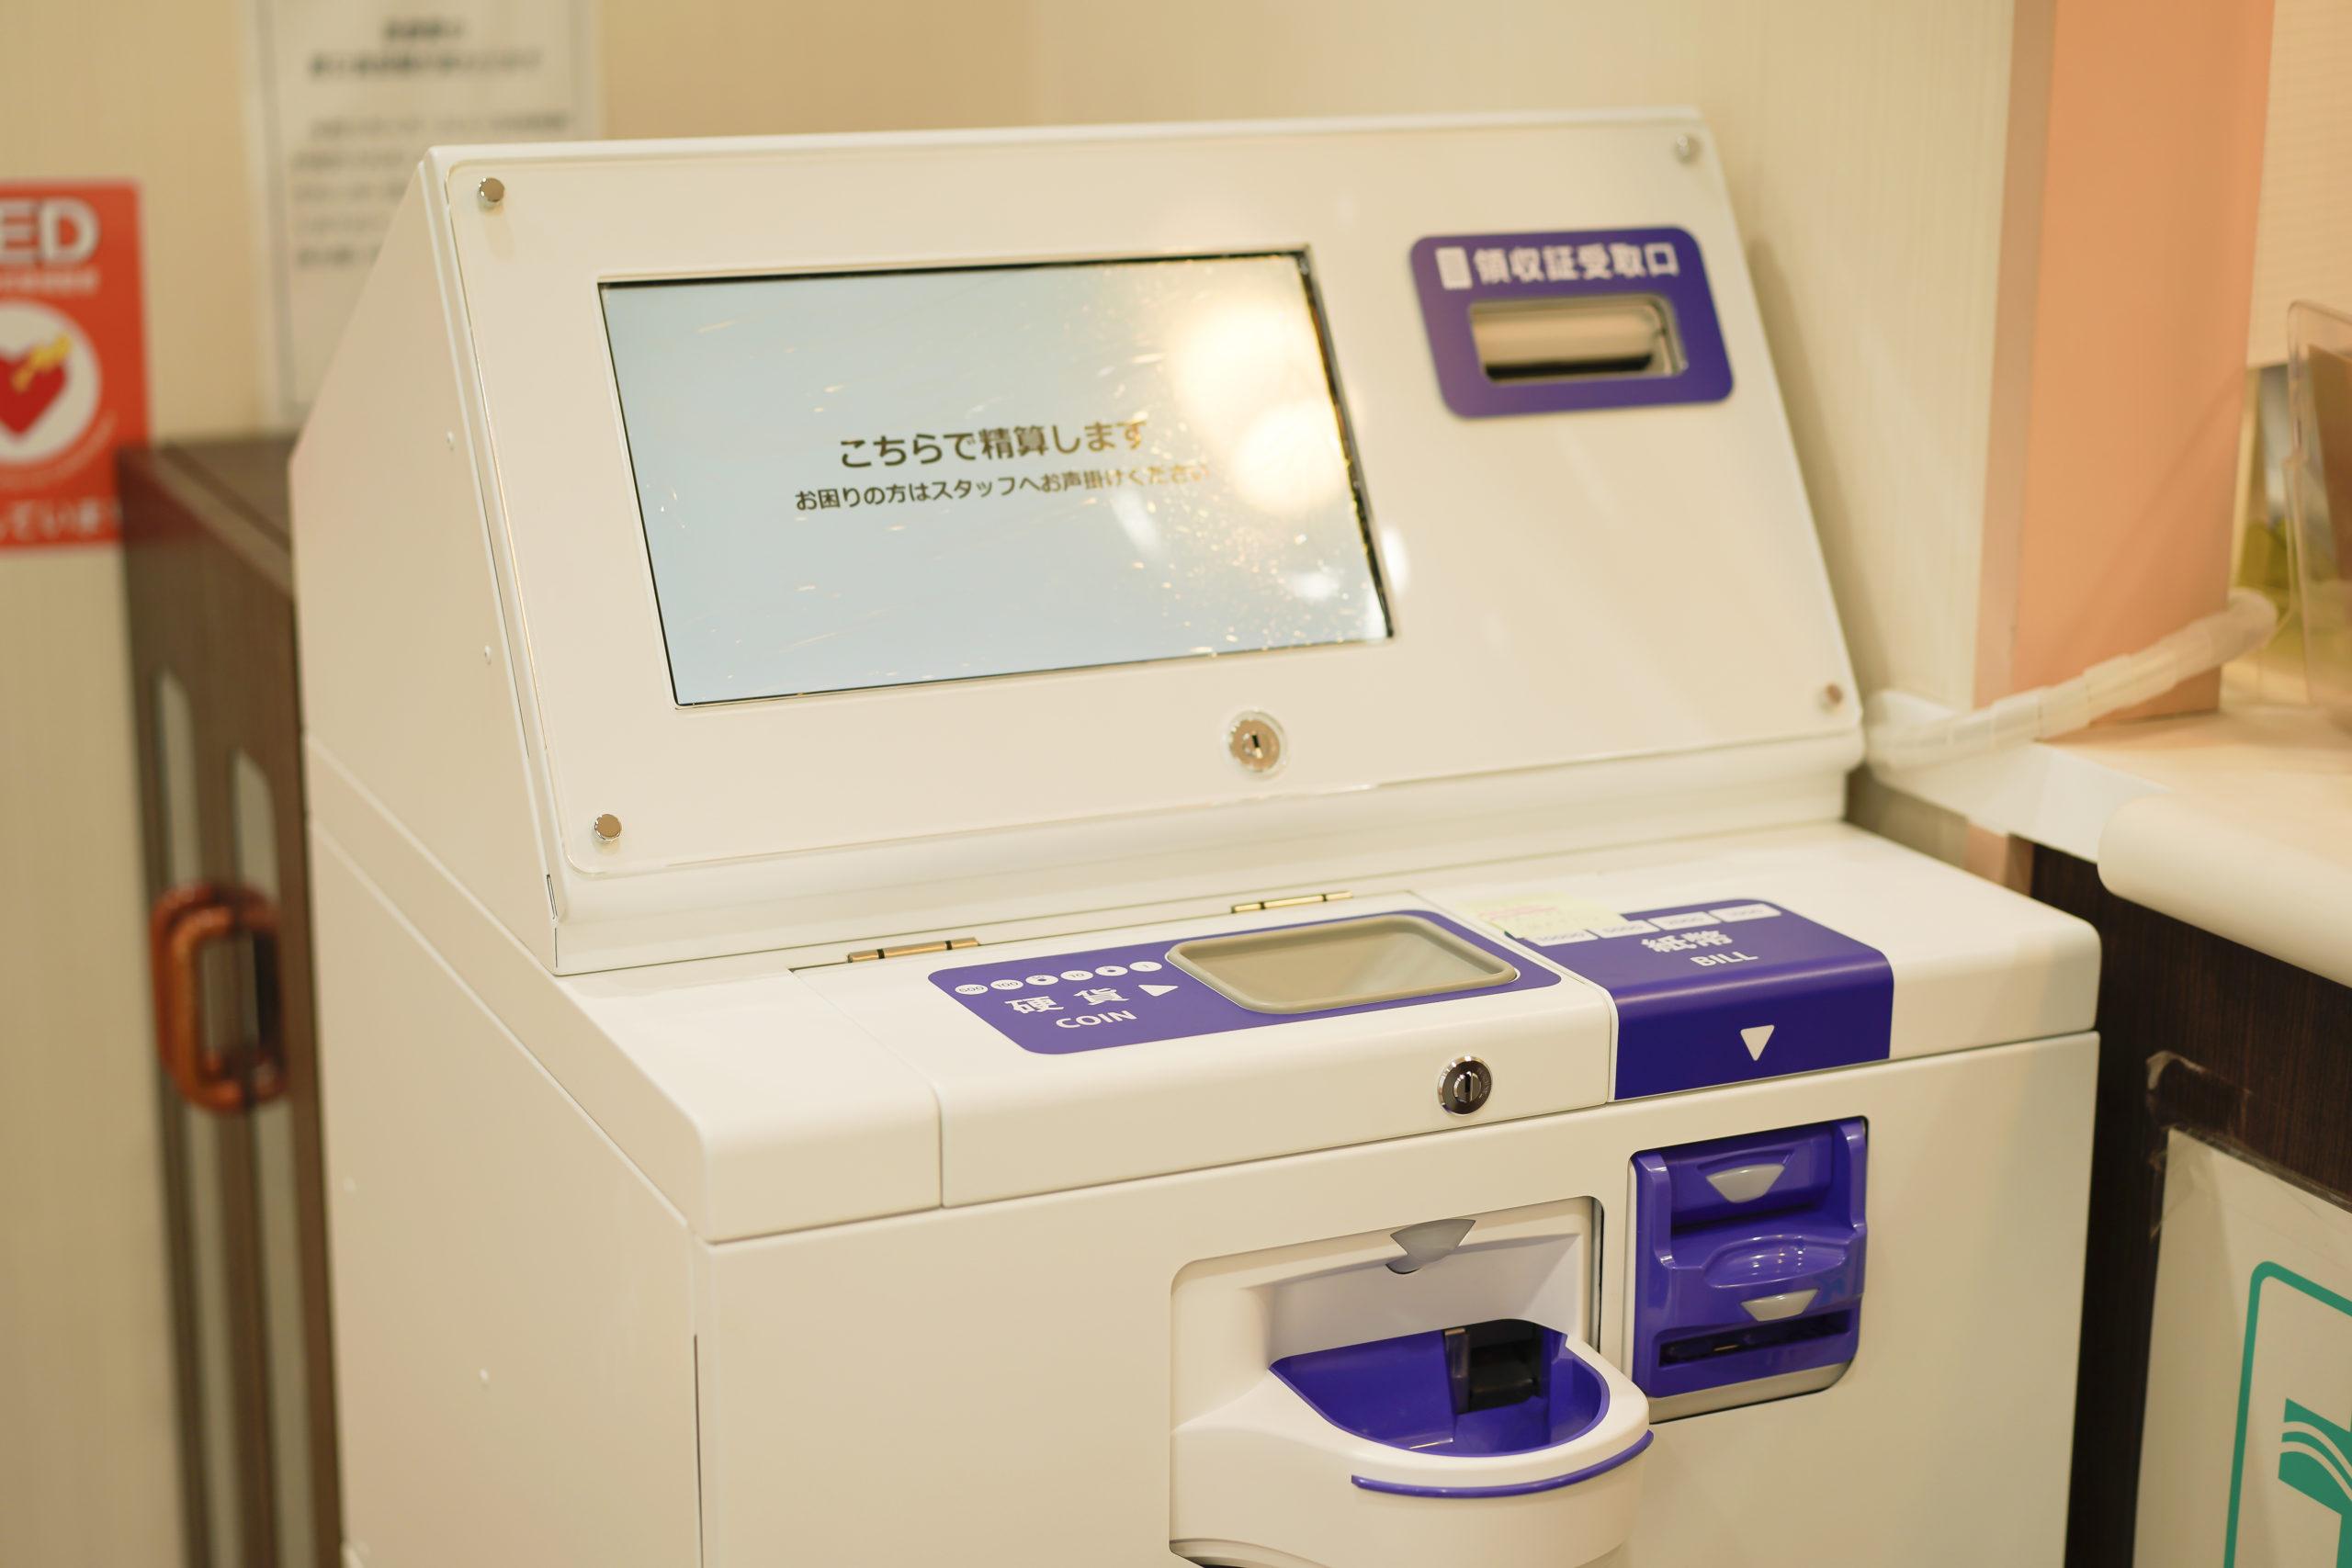 久喜市いしはた歯科クリニック 自動会計システム